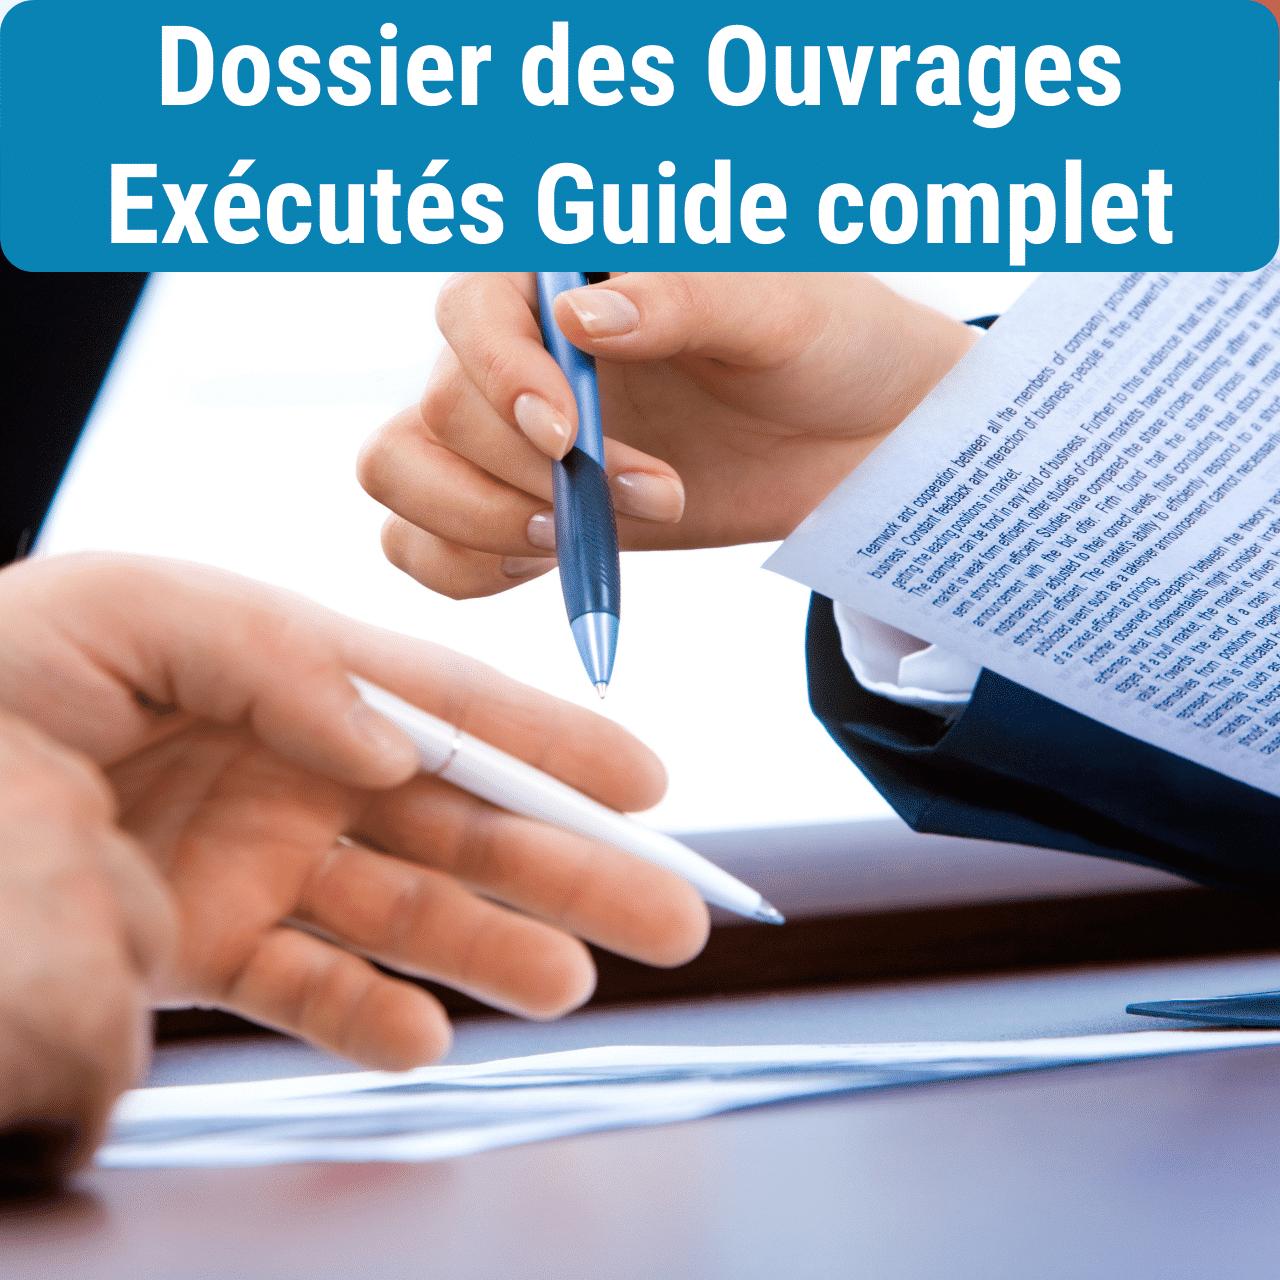 Dossier des Ouvrages Exécutés Guide complet